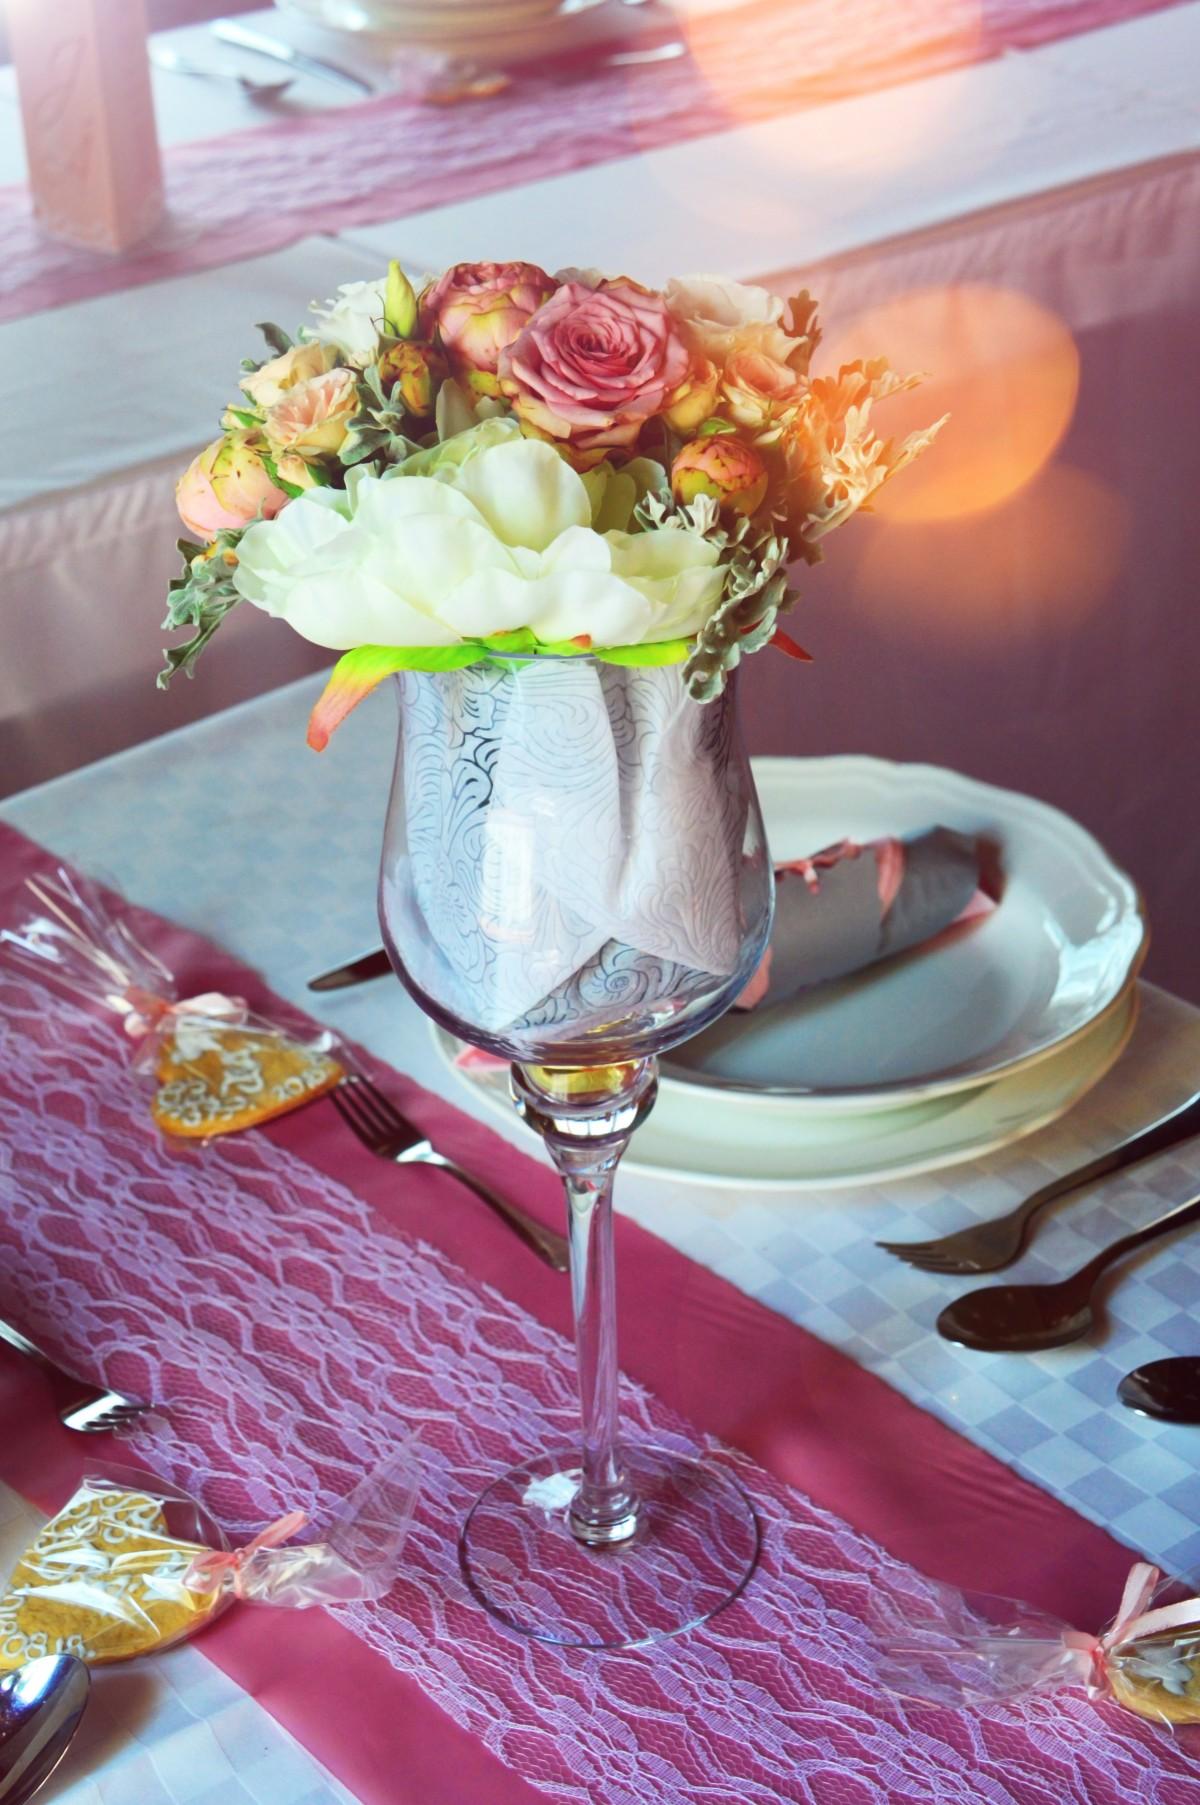 Free Images Wedding Table Decoration Setting White